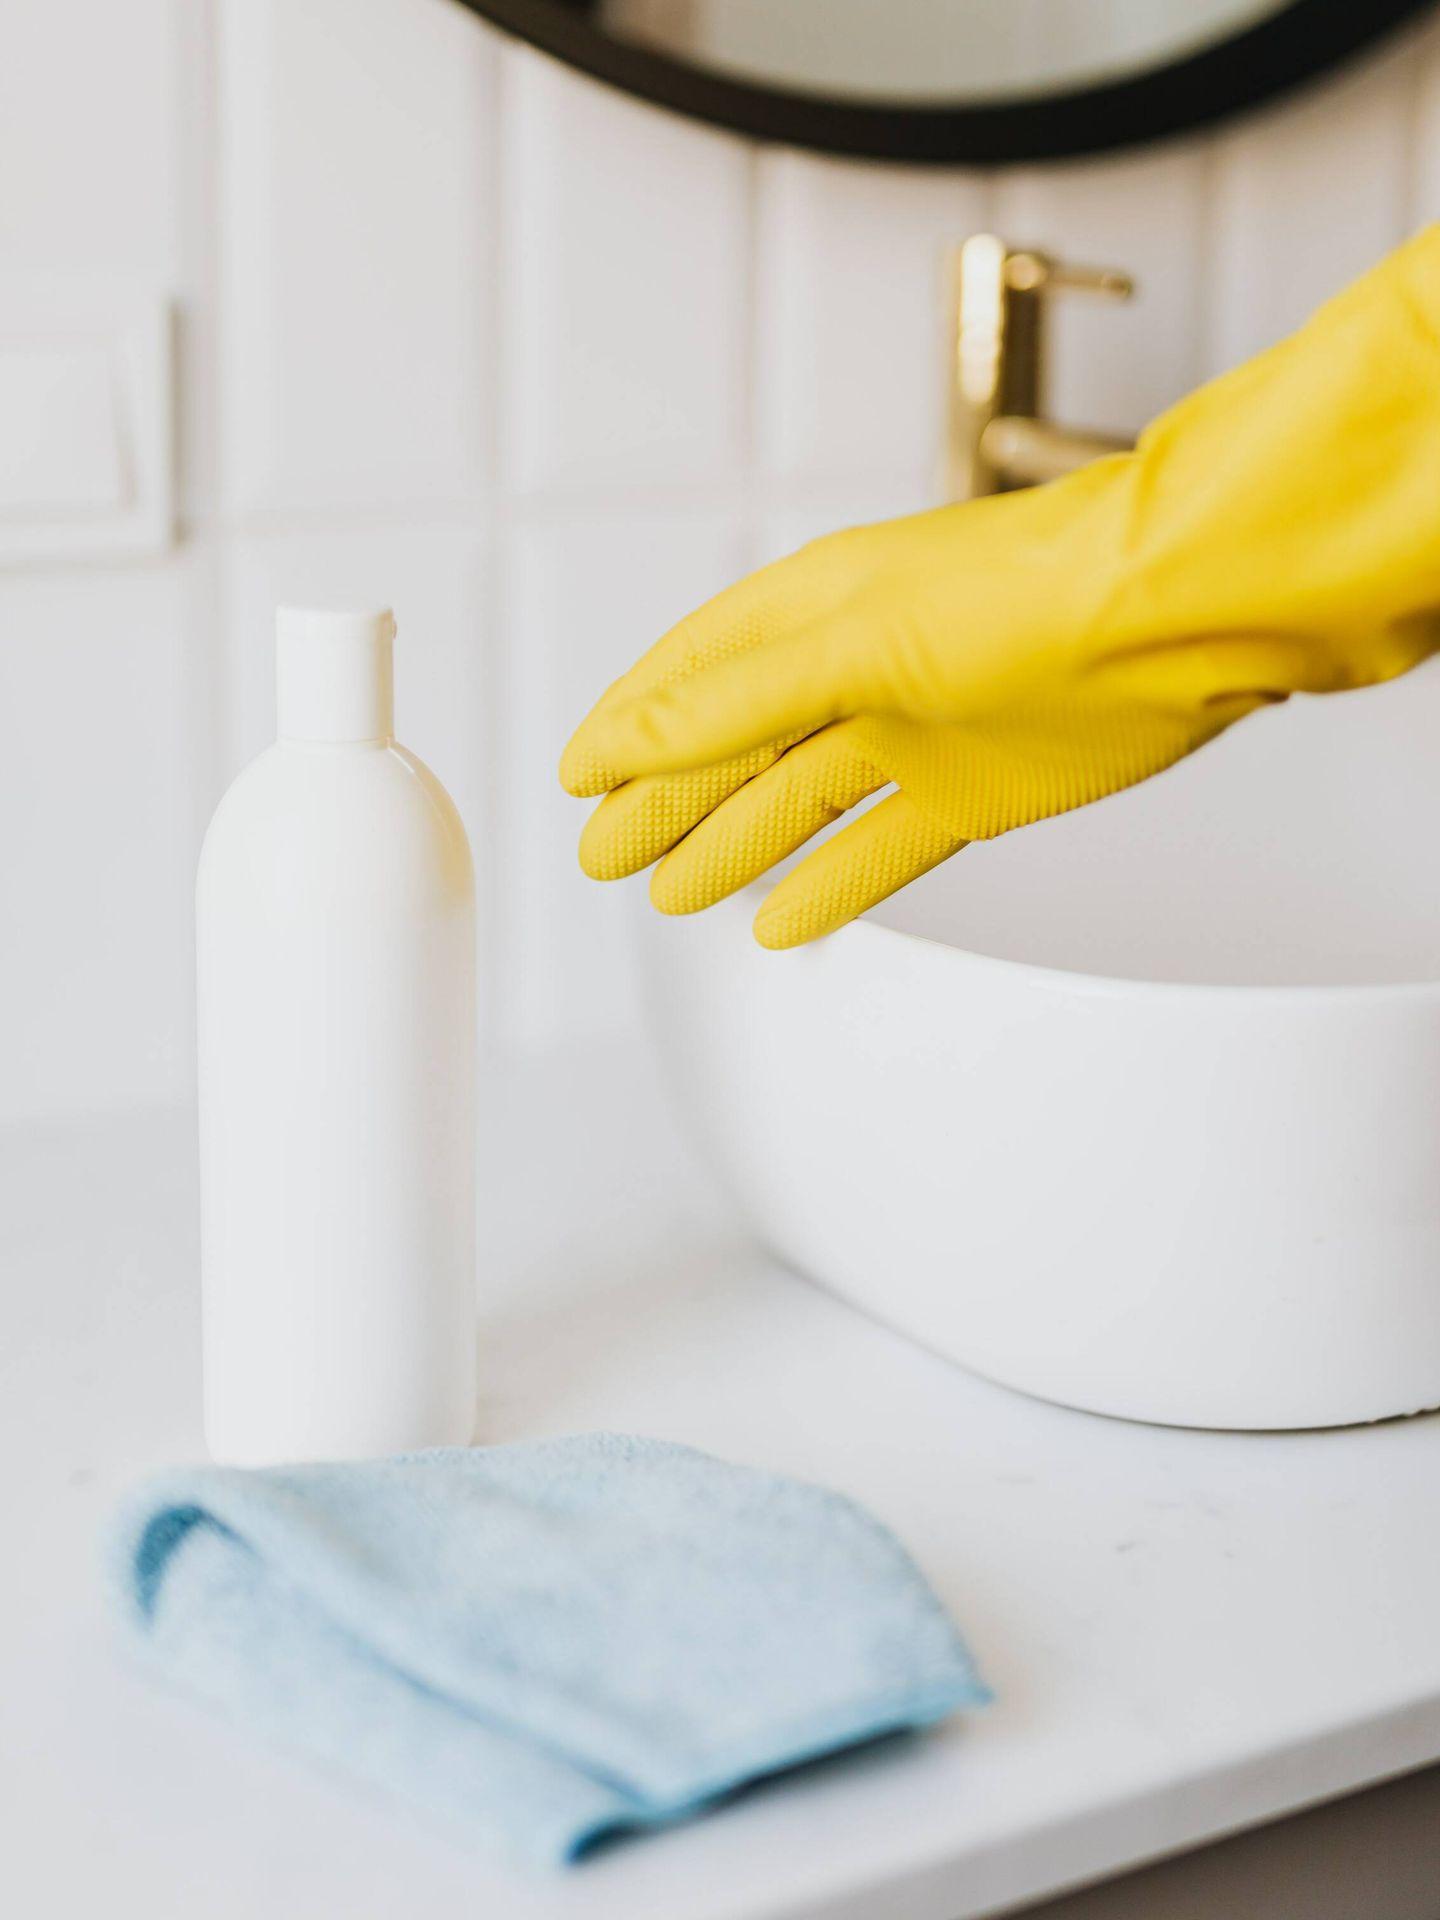 Claves para limpiar baños y azulejos. (Karolina Grabowska para Pexels)